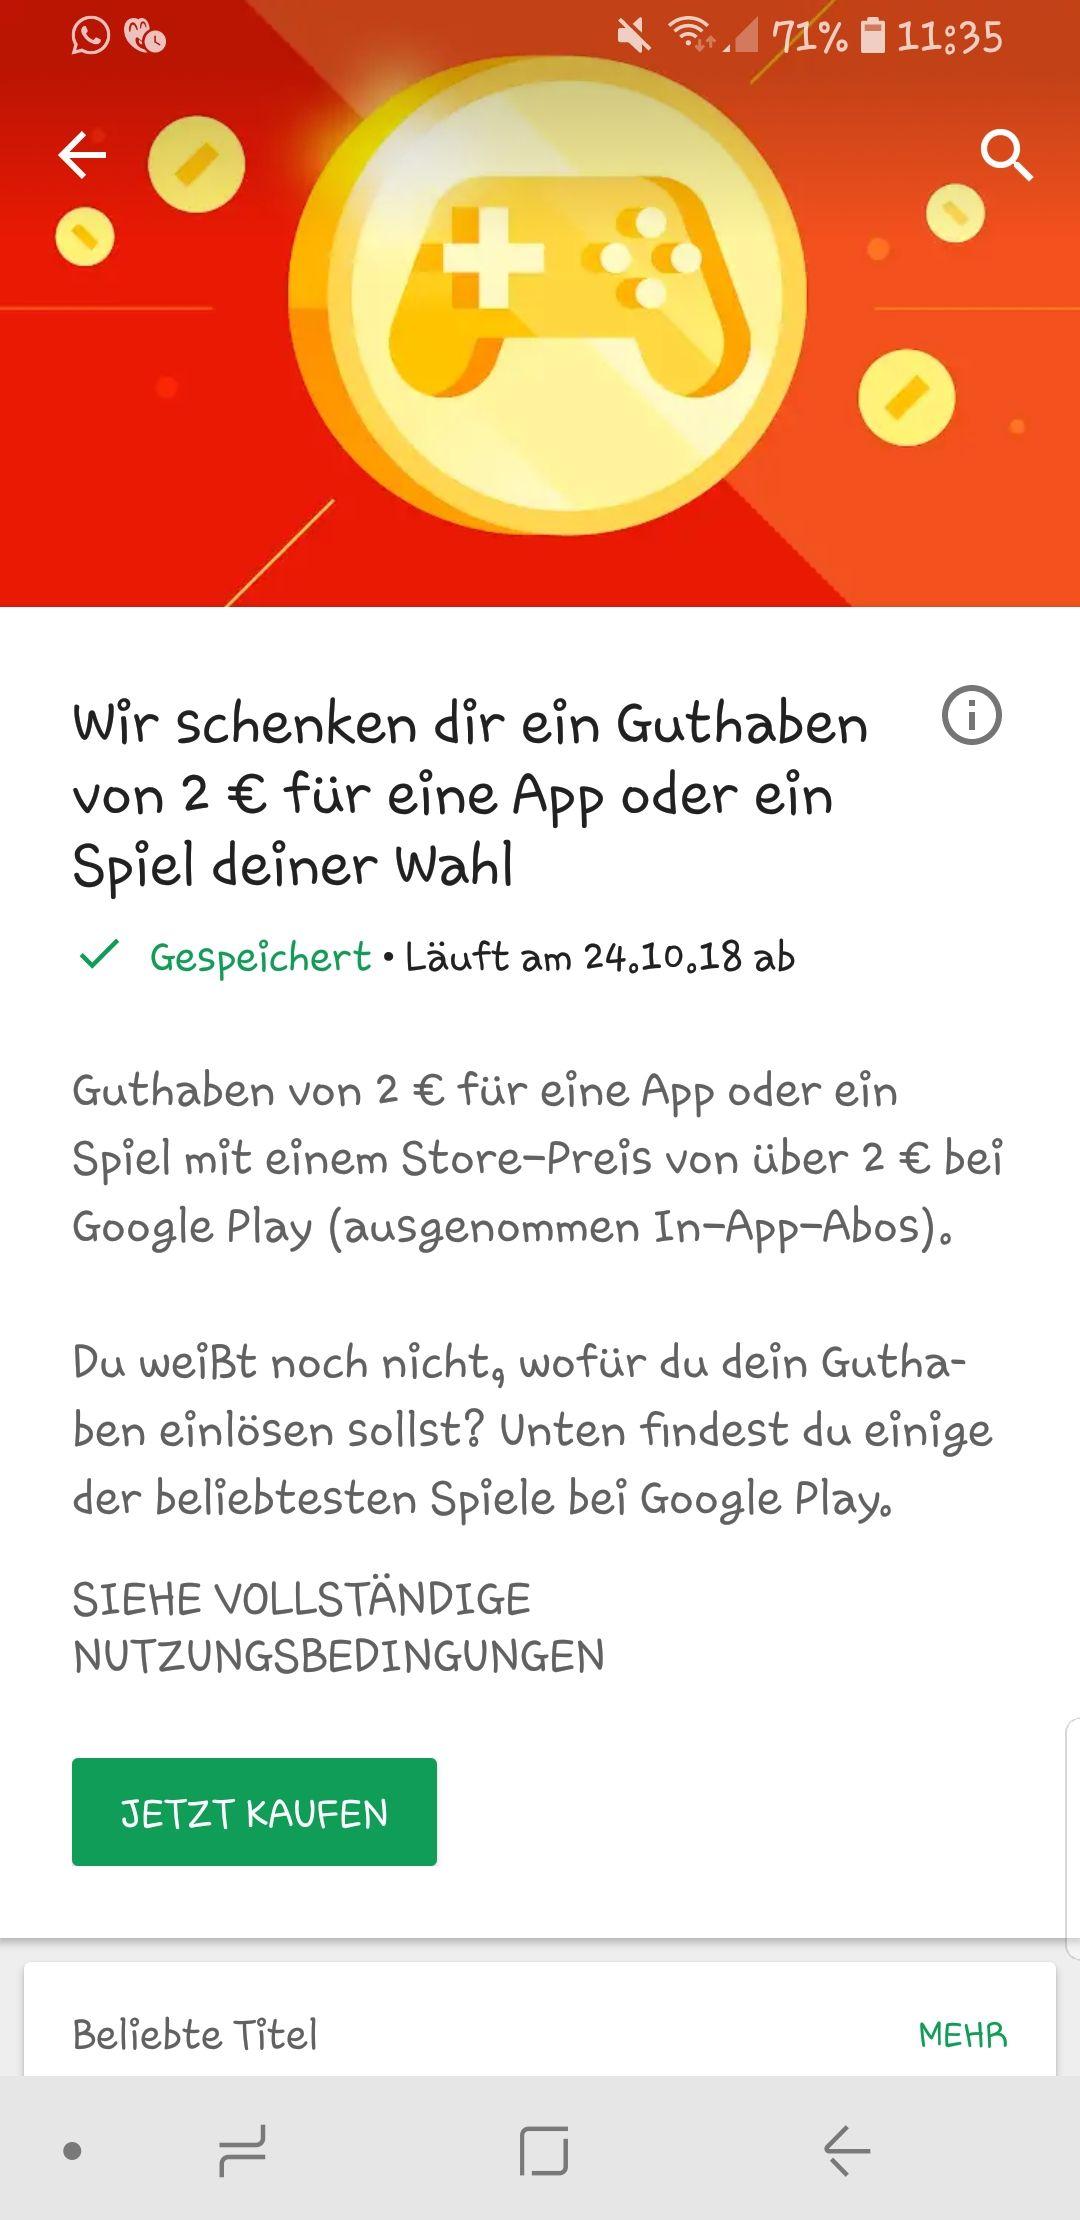 Google Play Guthaben geschenkt für App oder Spiel (Für ausgewählte User)